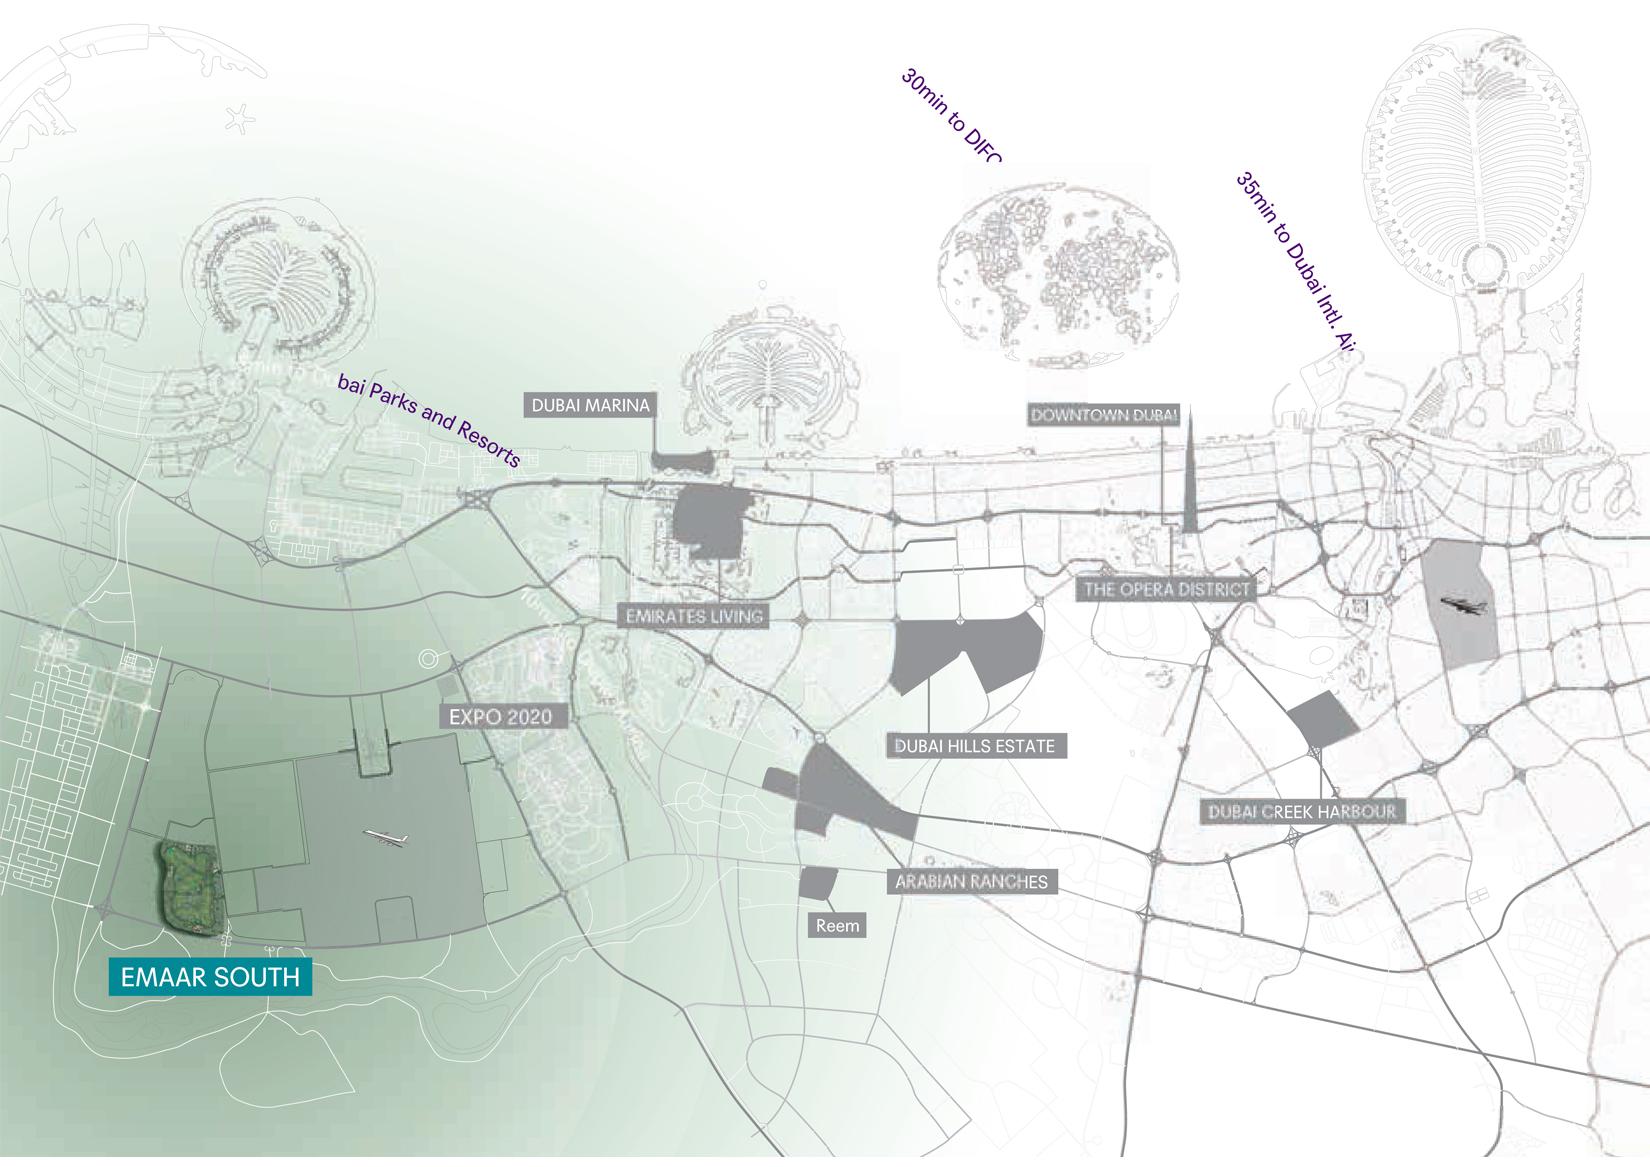 ساوث-أربانا-2 خريطة الموقع